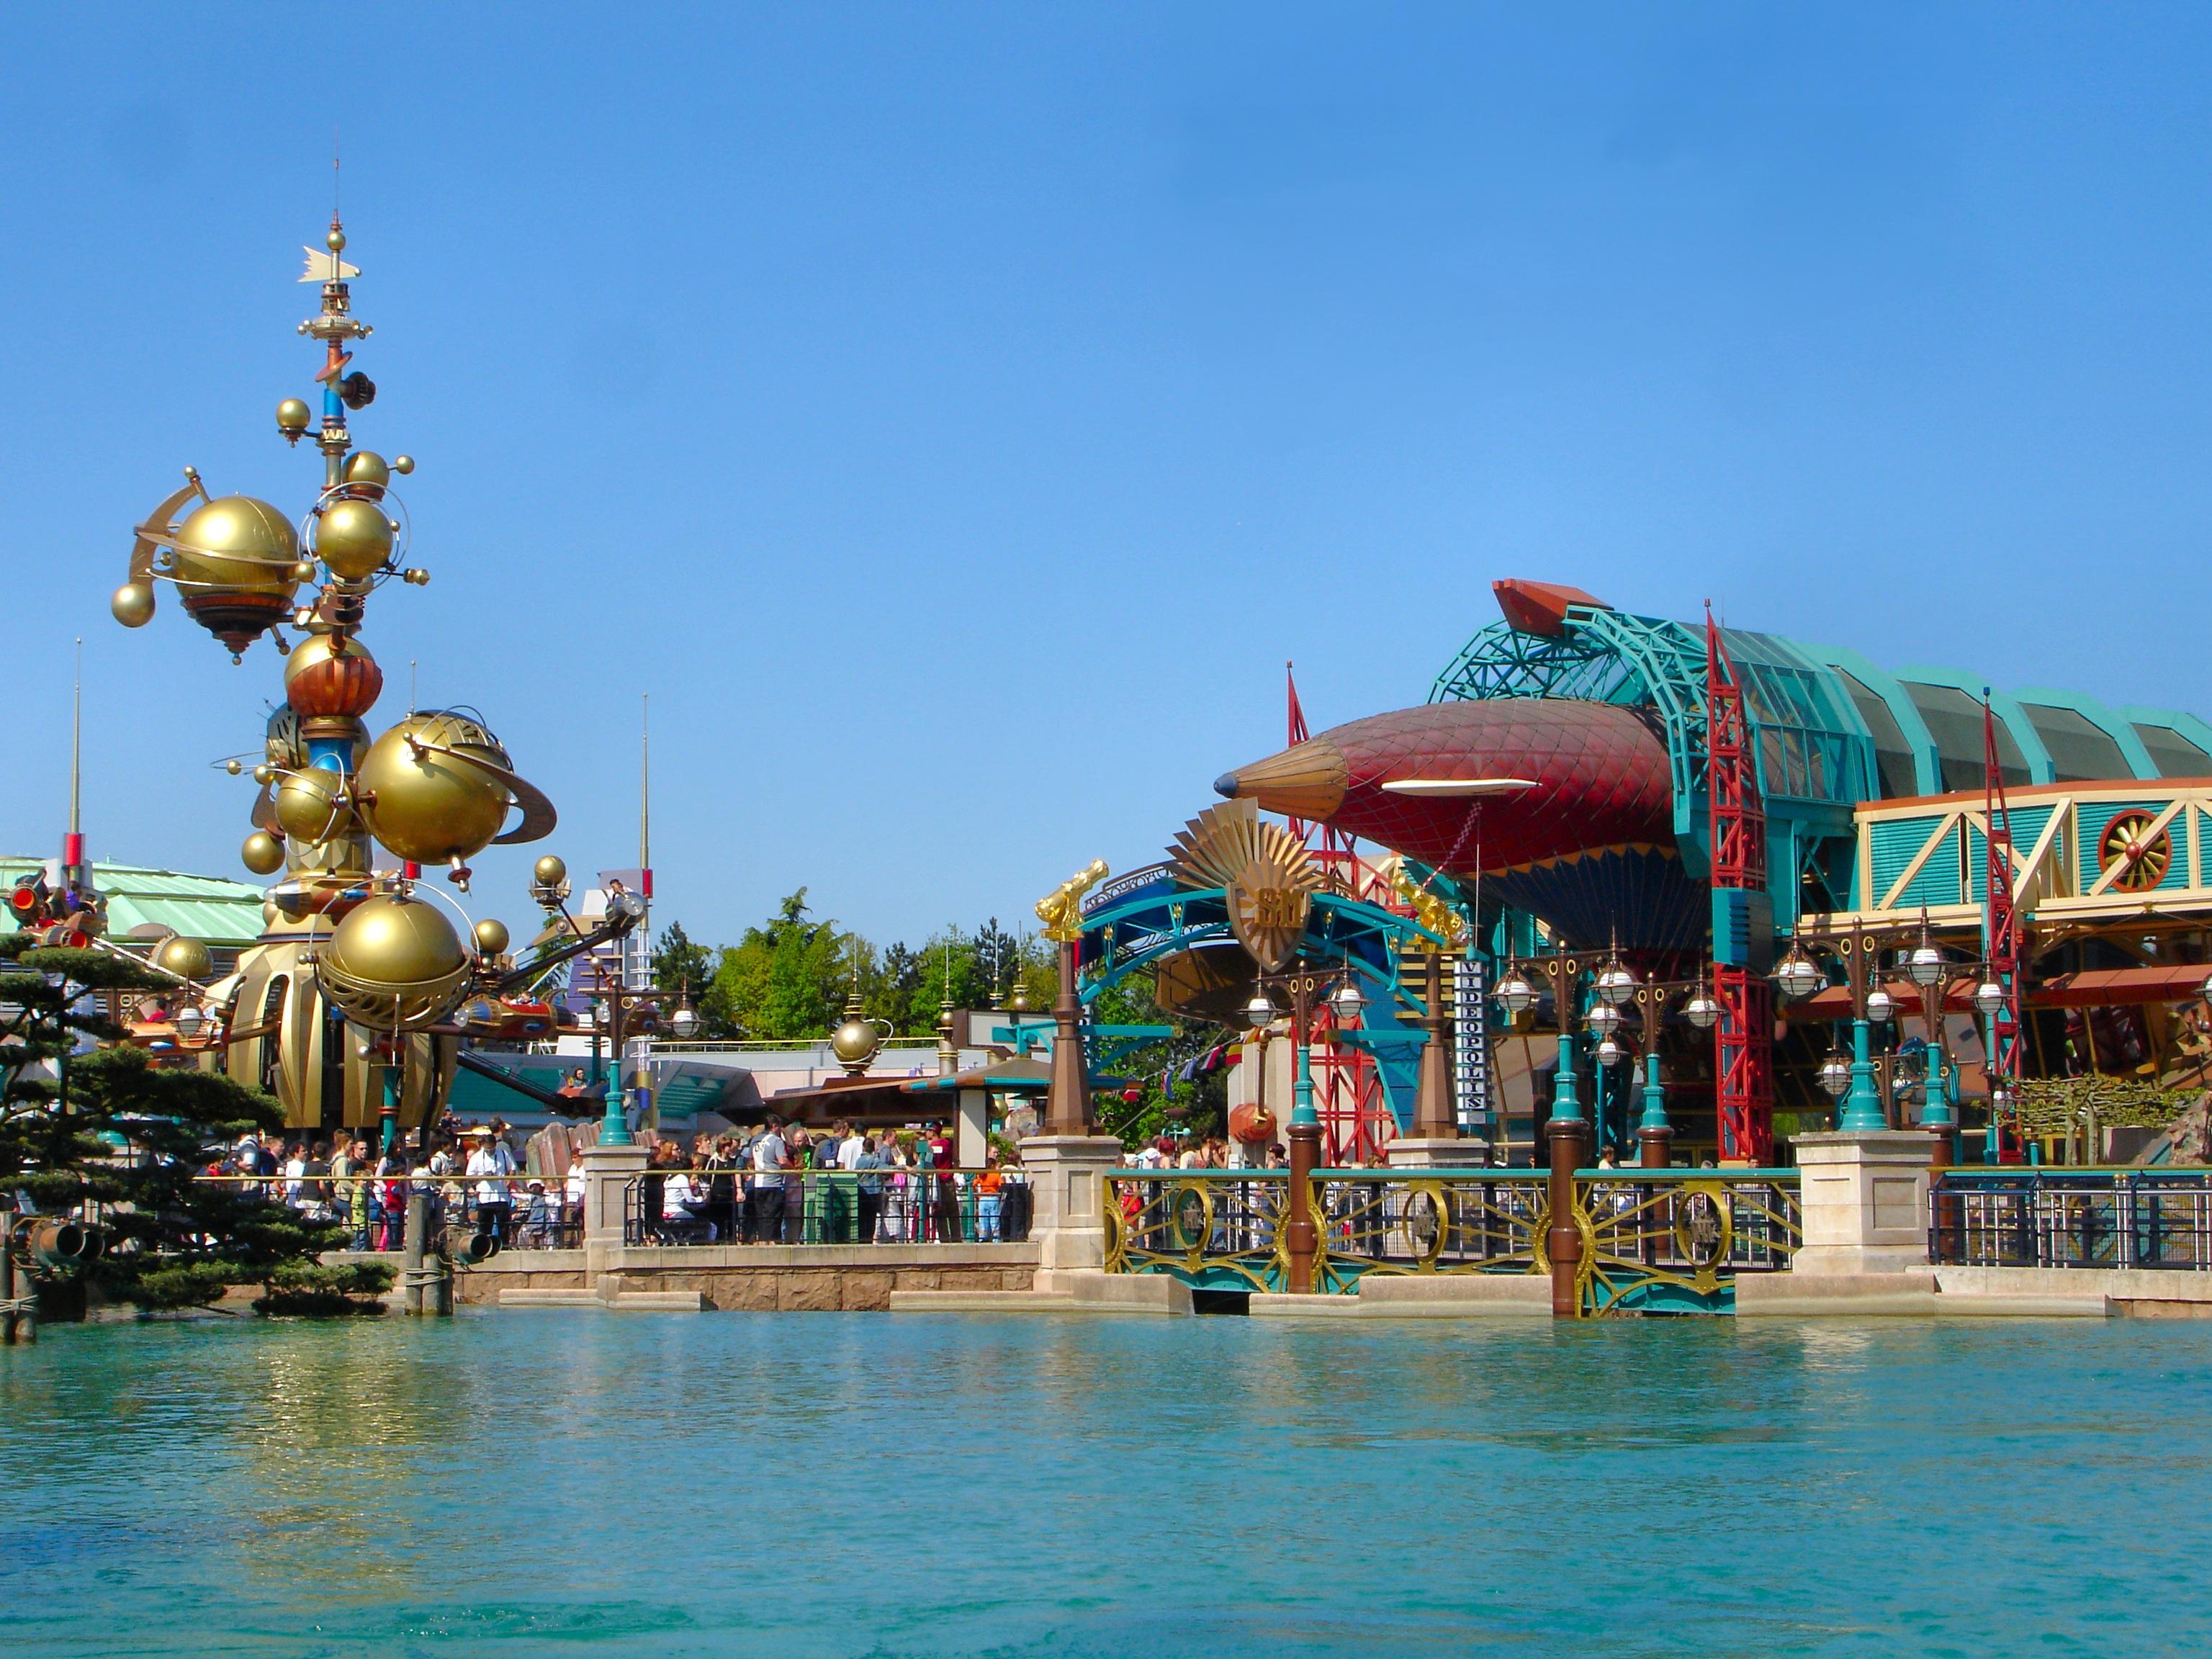 Free images vacation amusement park leisure resort for Amusement parks in paris